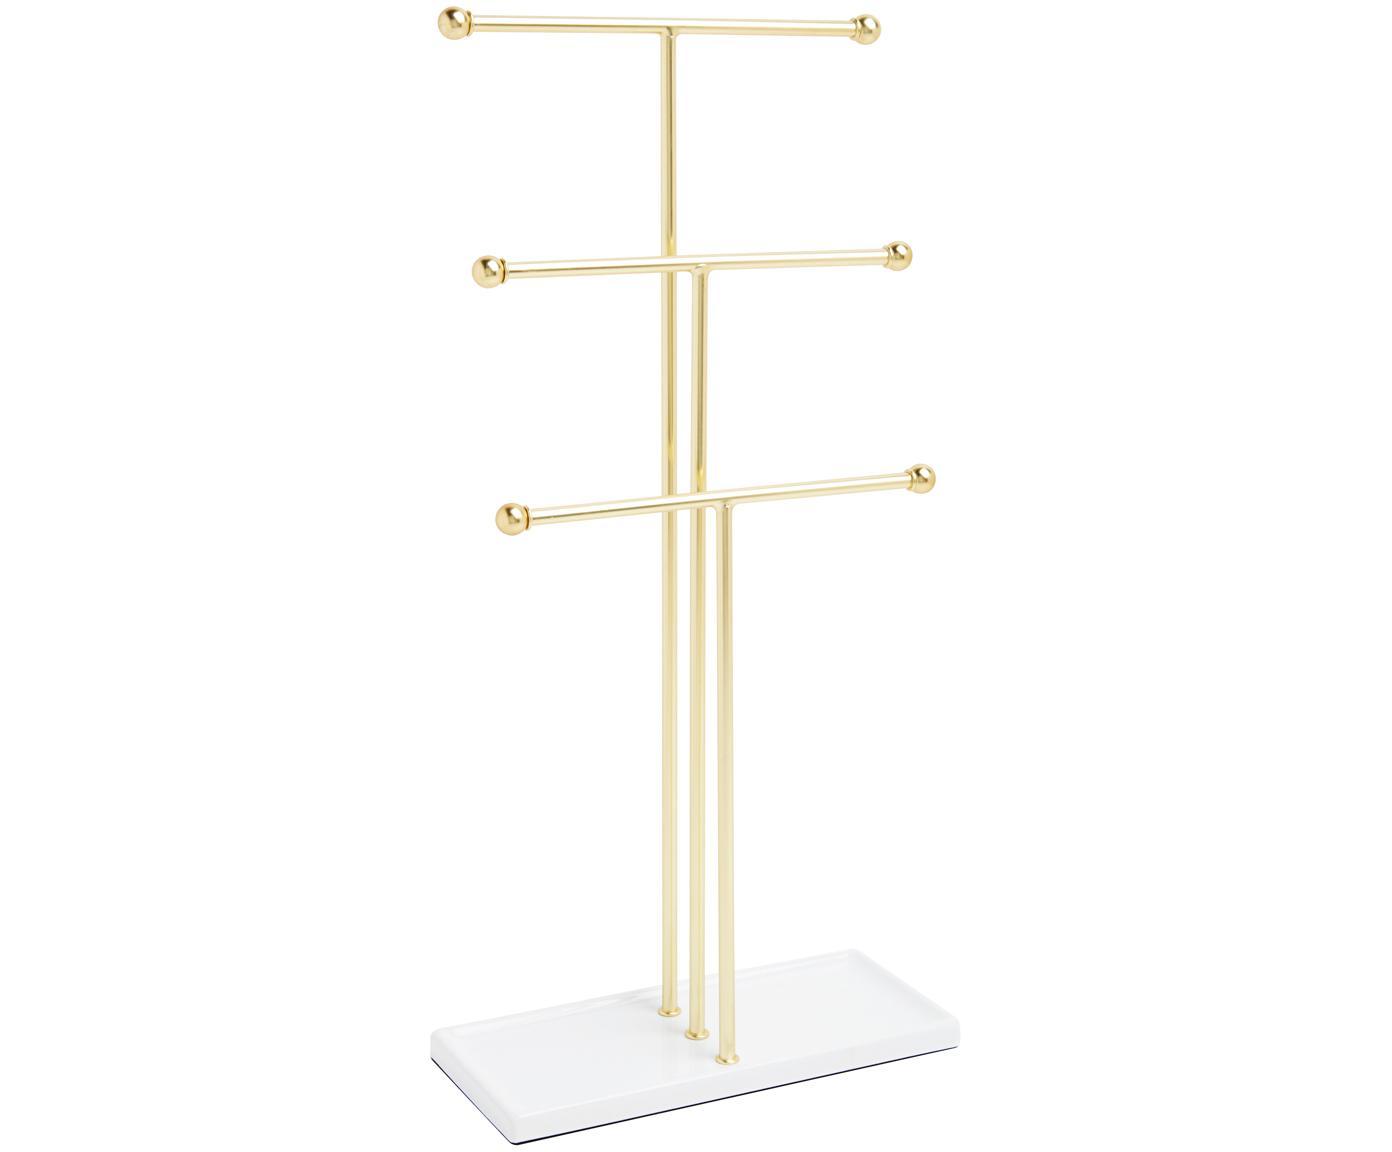 Schmuckhalter Trigem, Metall, lackiert, Weiss, Messingfarben, 23 x 48 cm